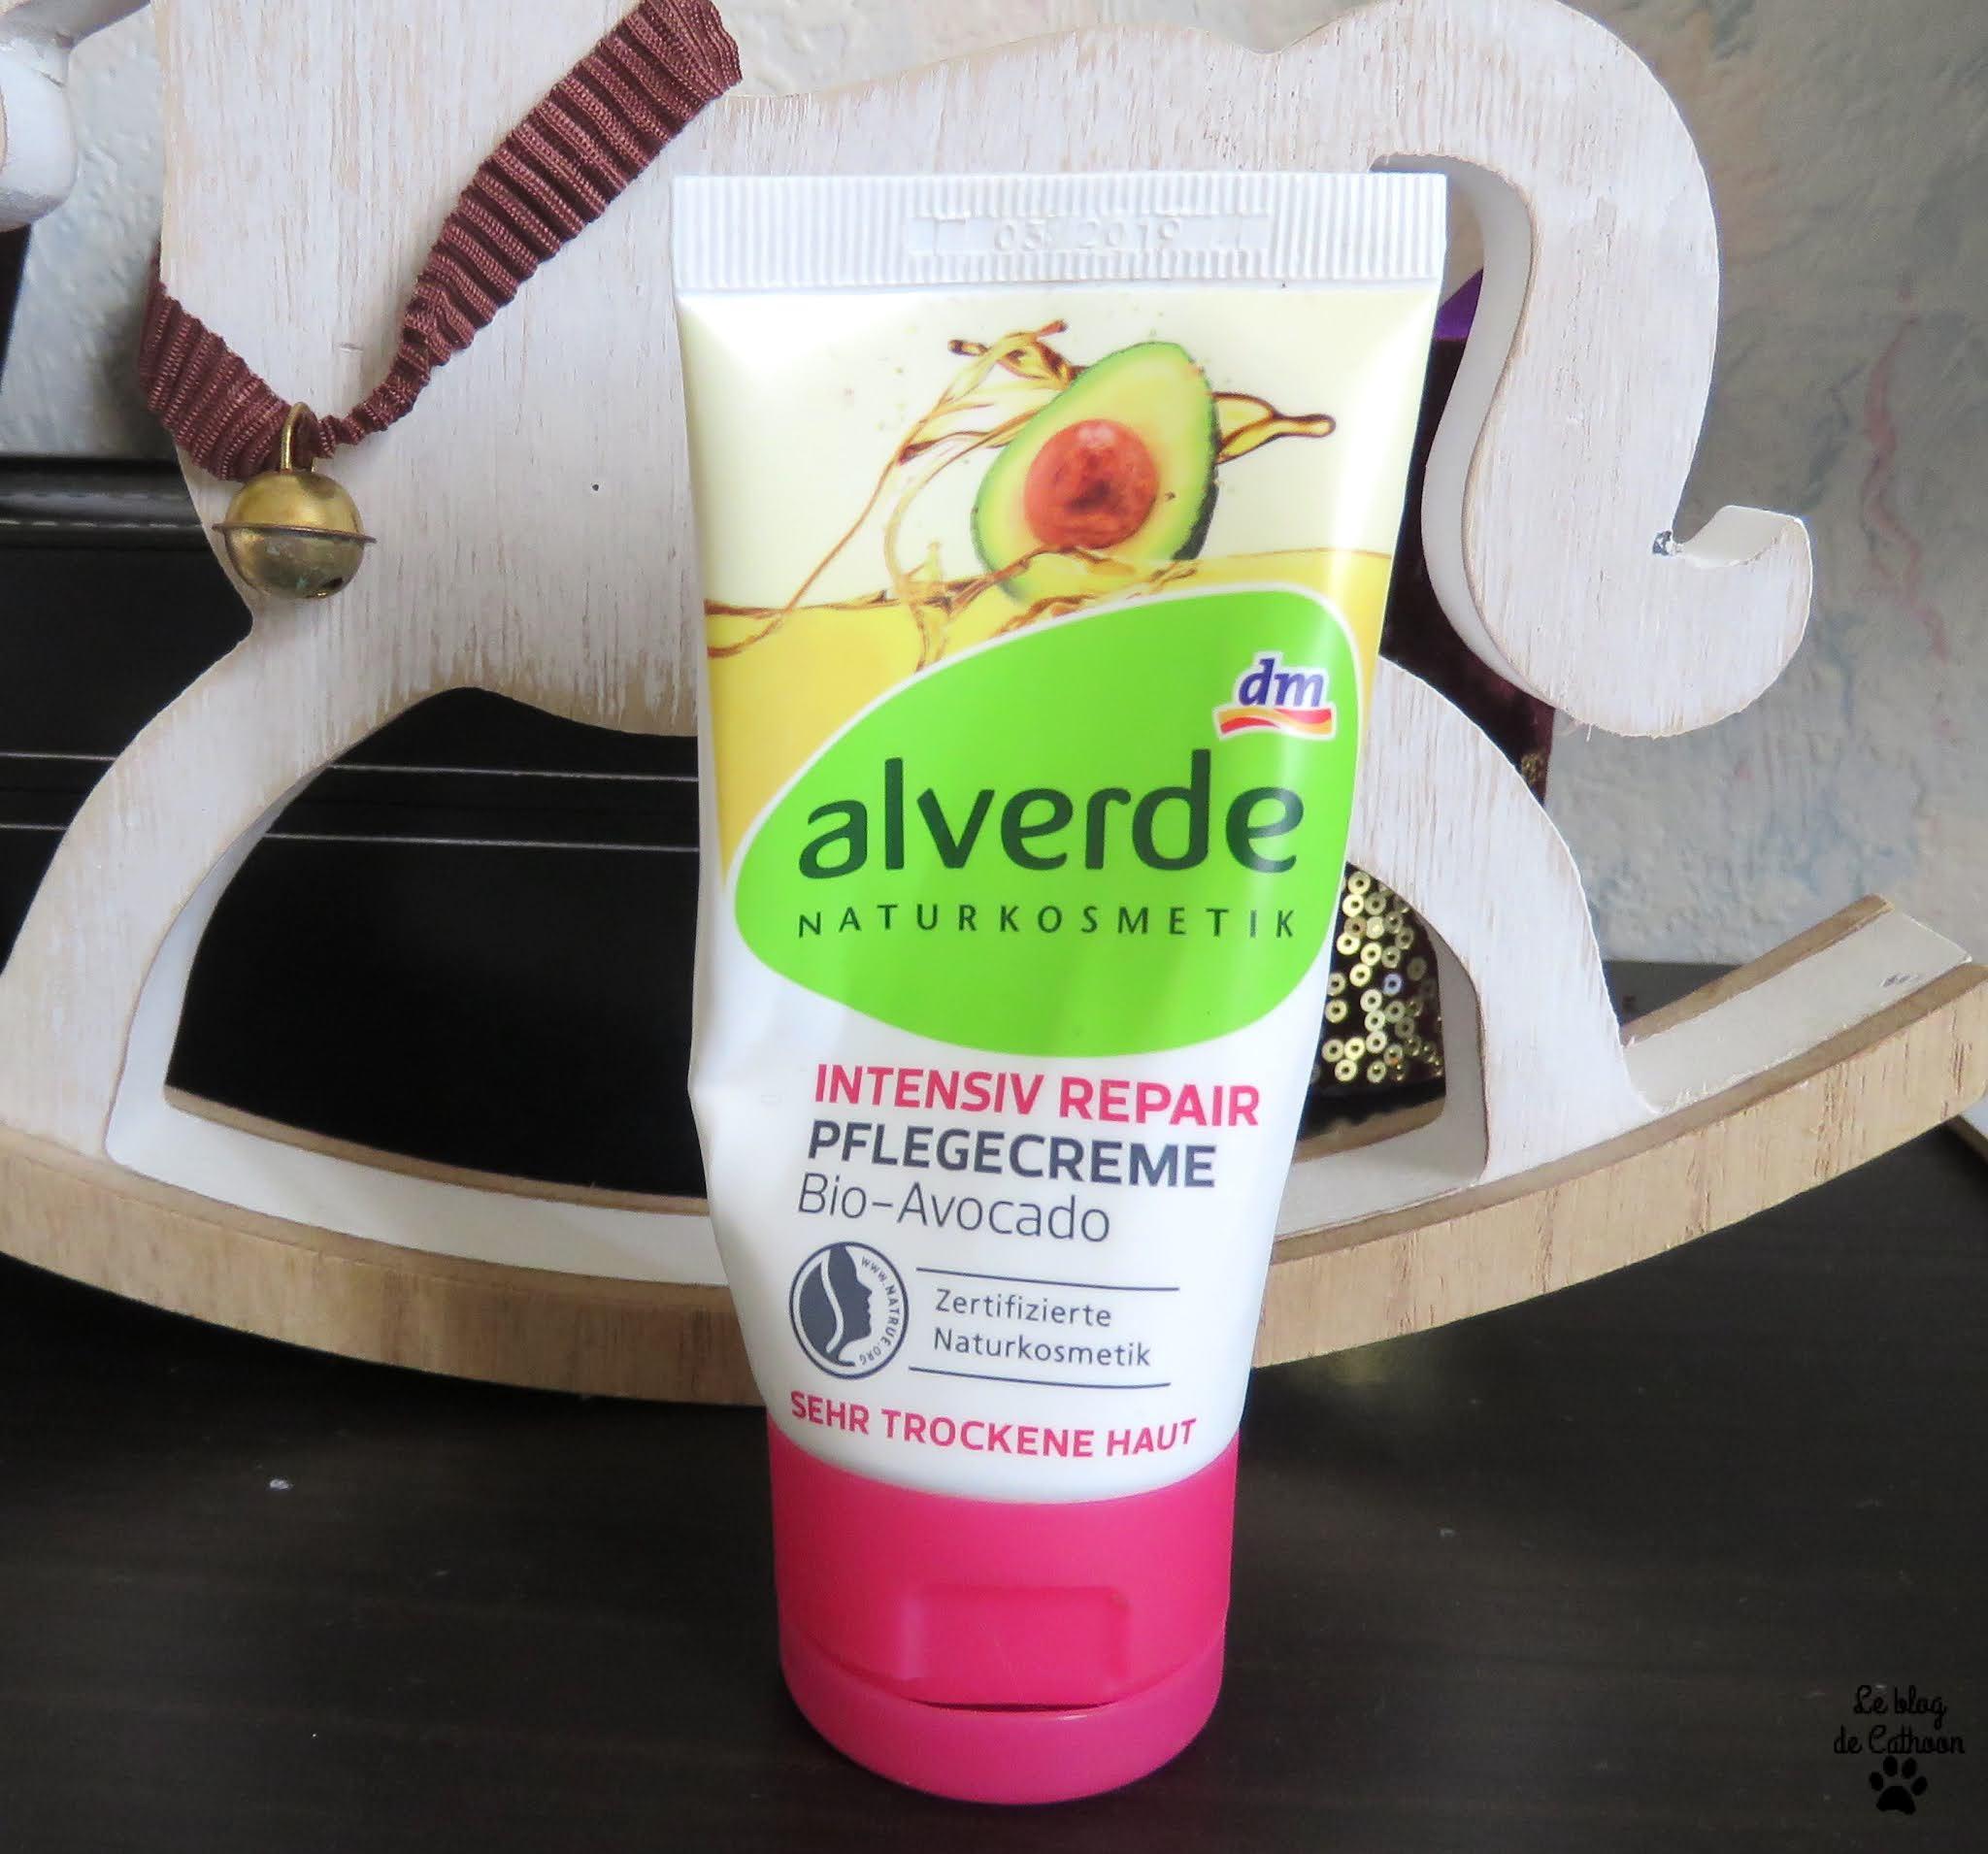 Intensiv Repaire - Crème pour le Visage à l'Avocat - Alverde